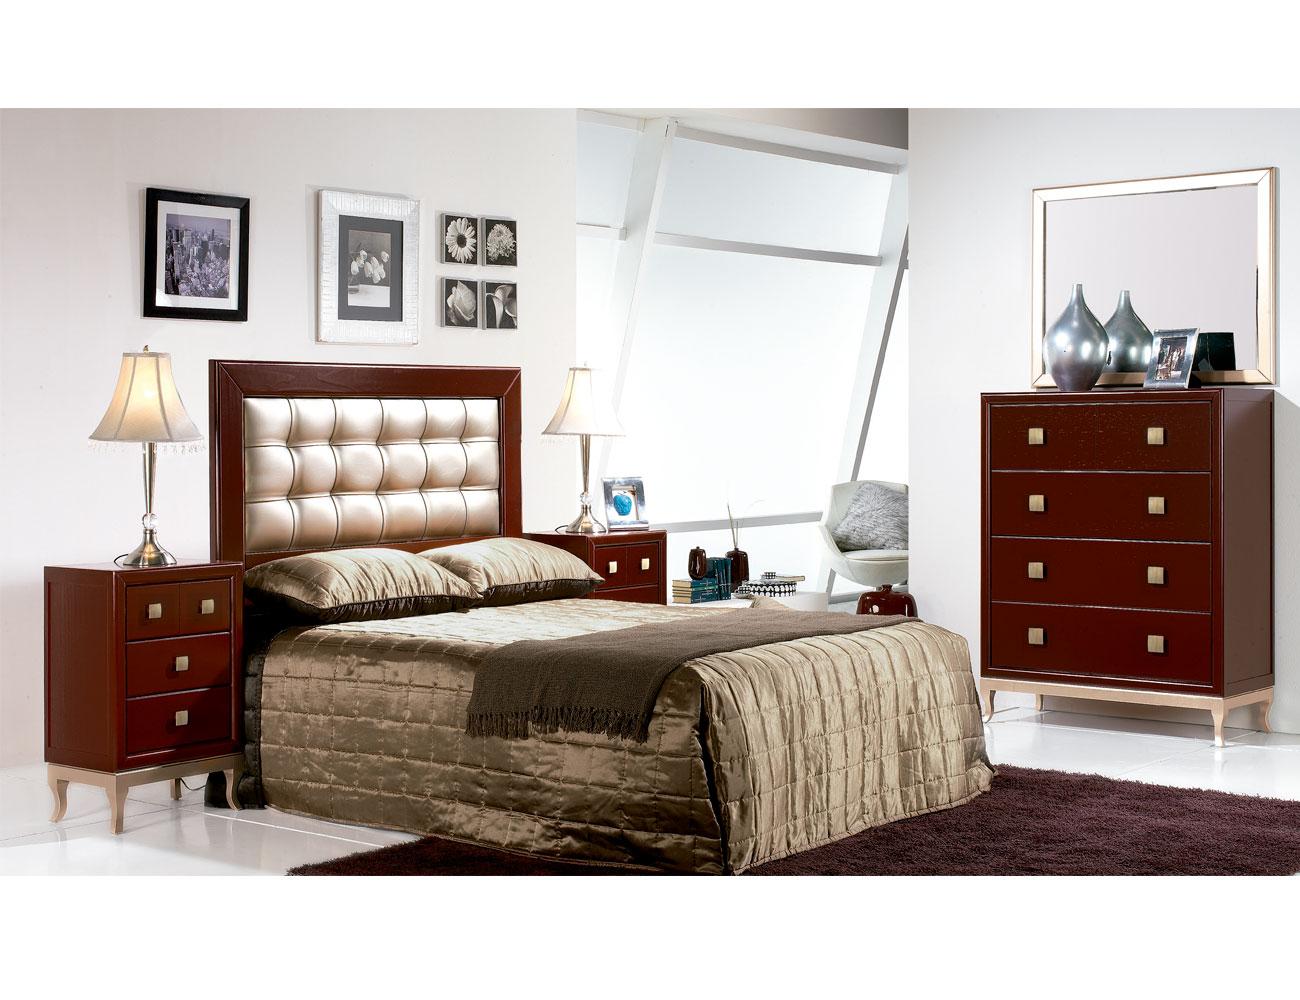 Composicion 10 dormitorio matrimonio comoda cabecero tapizado